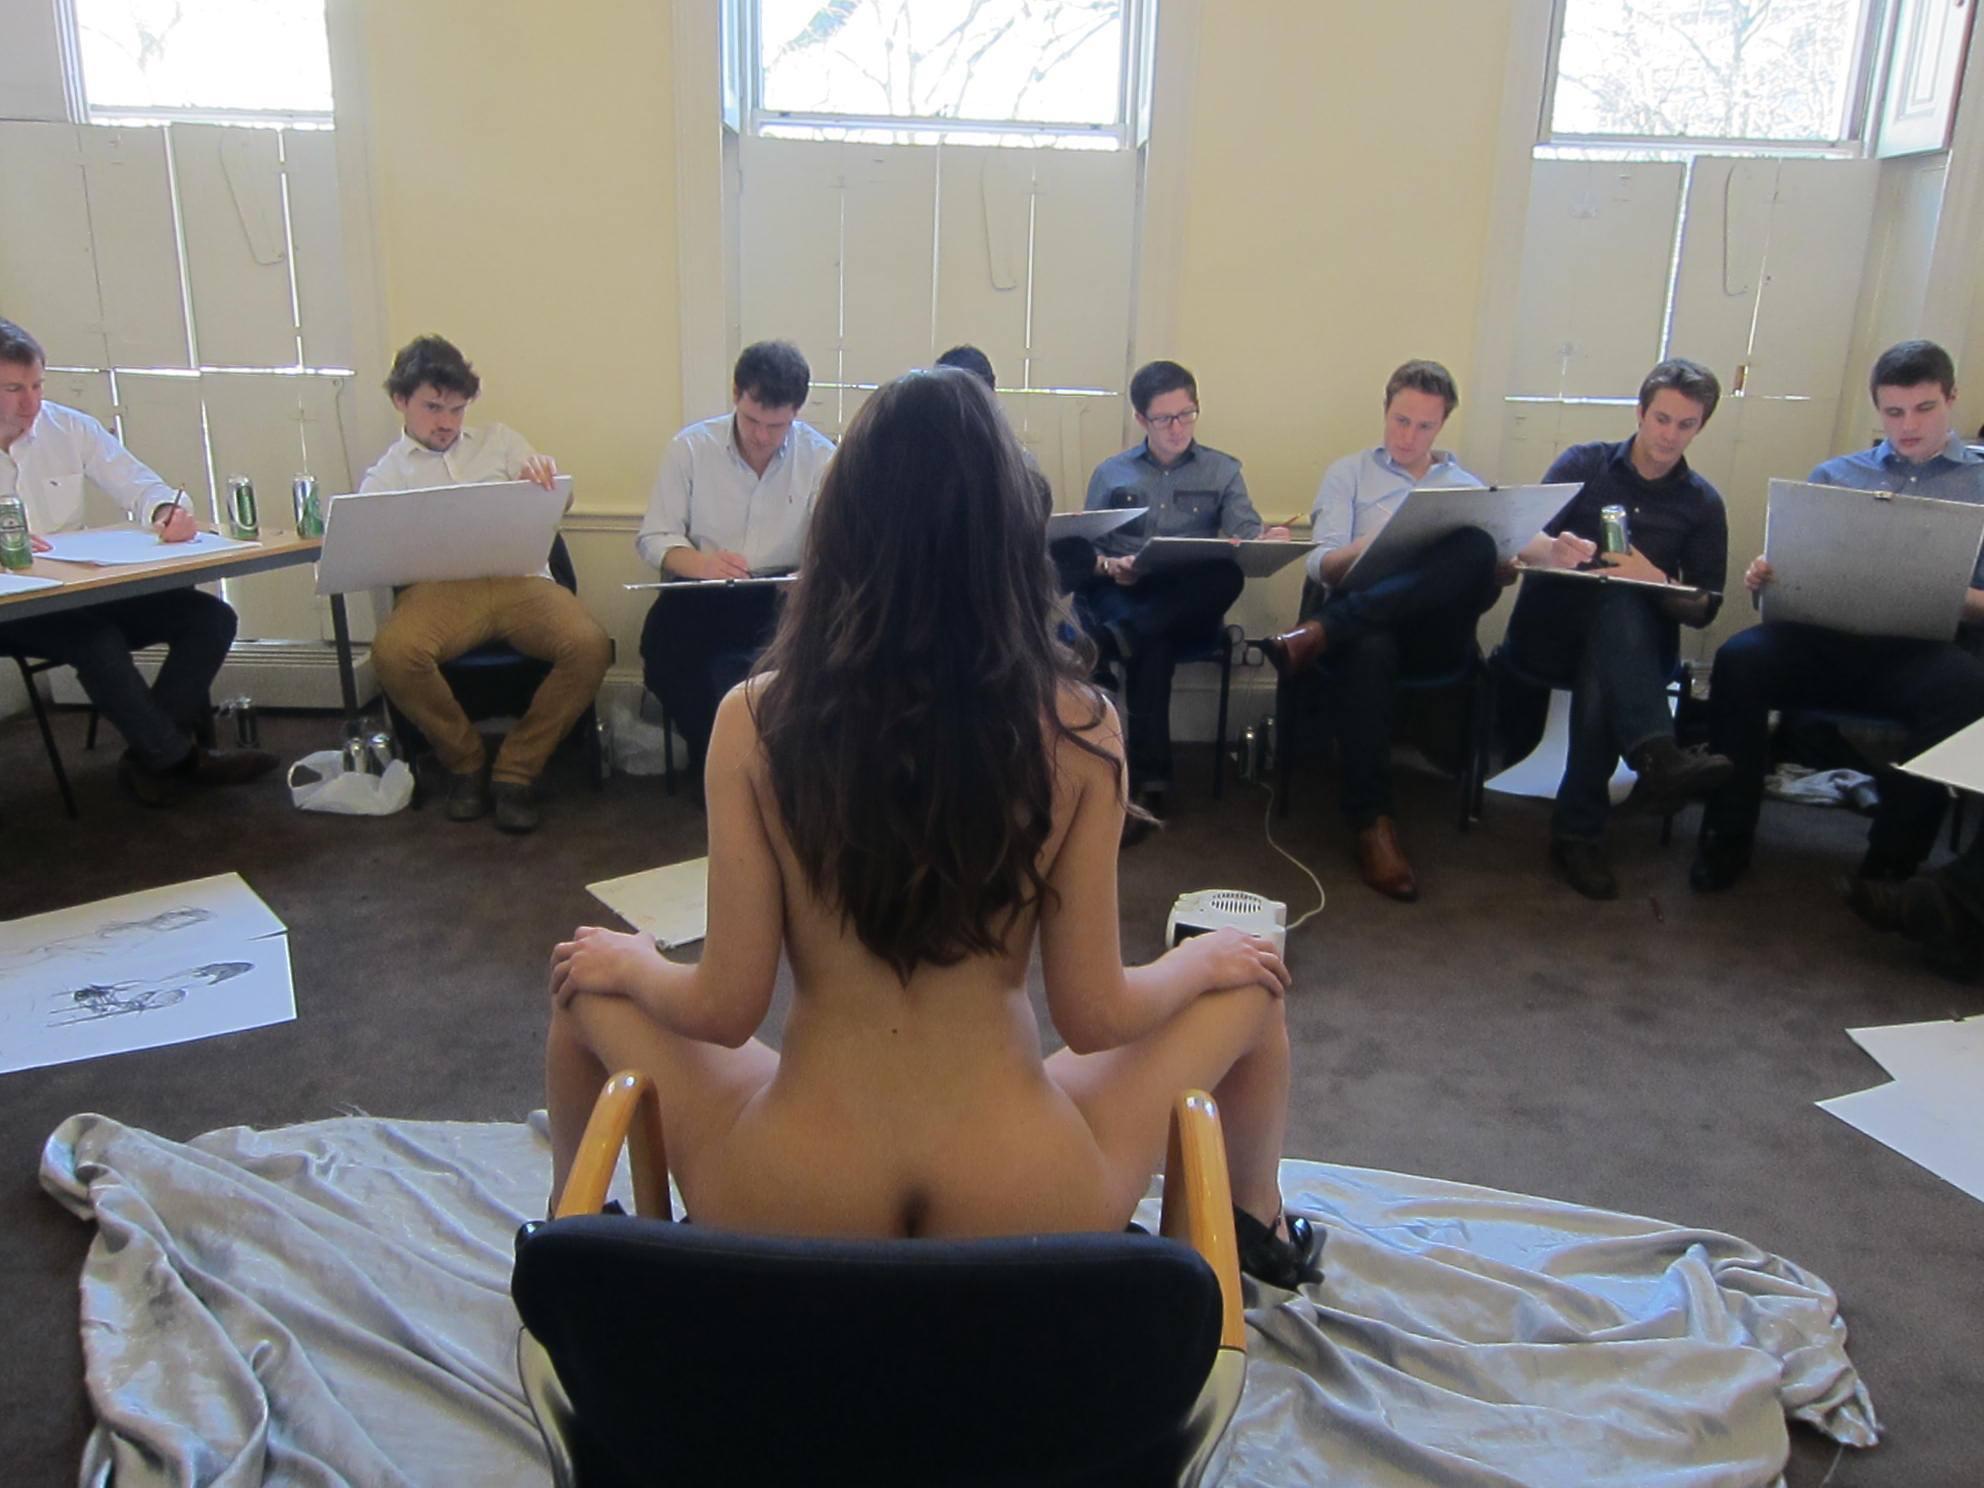 Уроки по изучению женских и мужских гениталий студентами с наглядным пособием фото 23 фотография